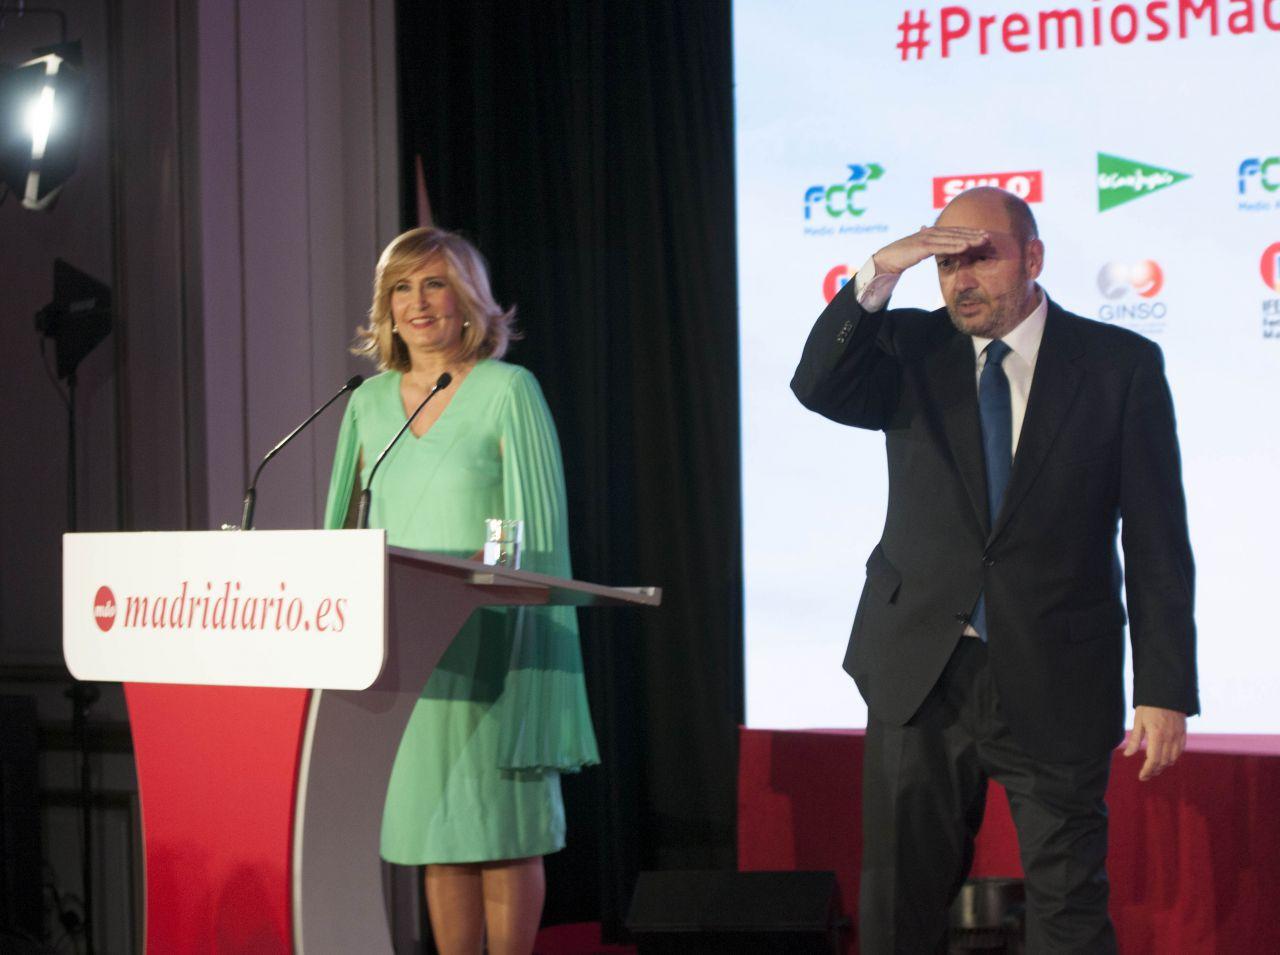 La periodista Nieves Herrero y el presidente del Grupo Madridiario fueron, un año más, los conductores de la gala, marcada inevitablemente por la resaca electoral del 28-A.